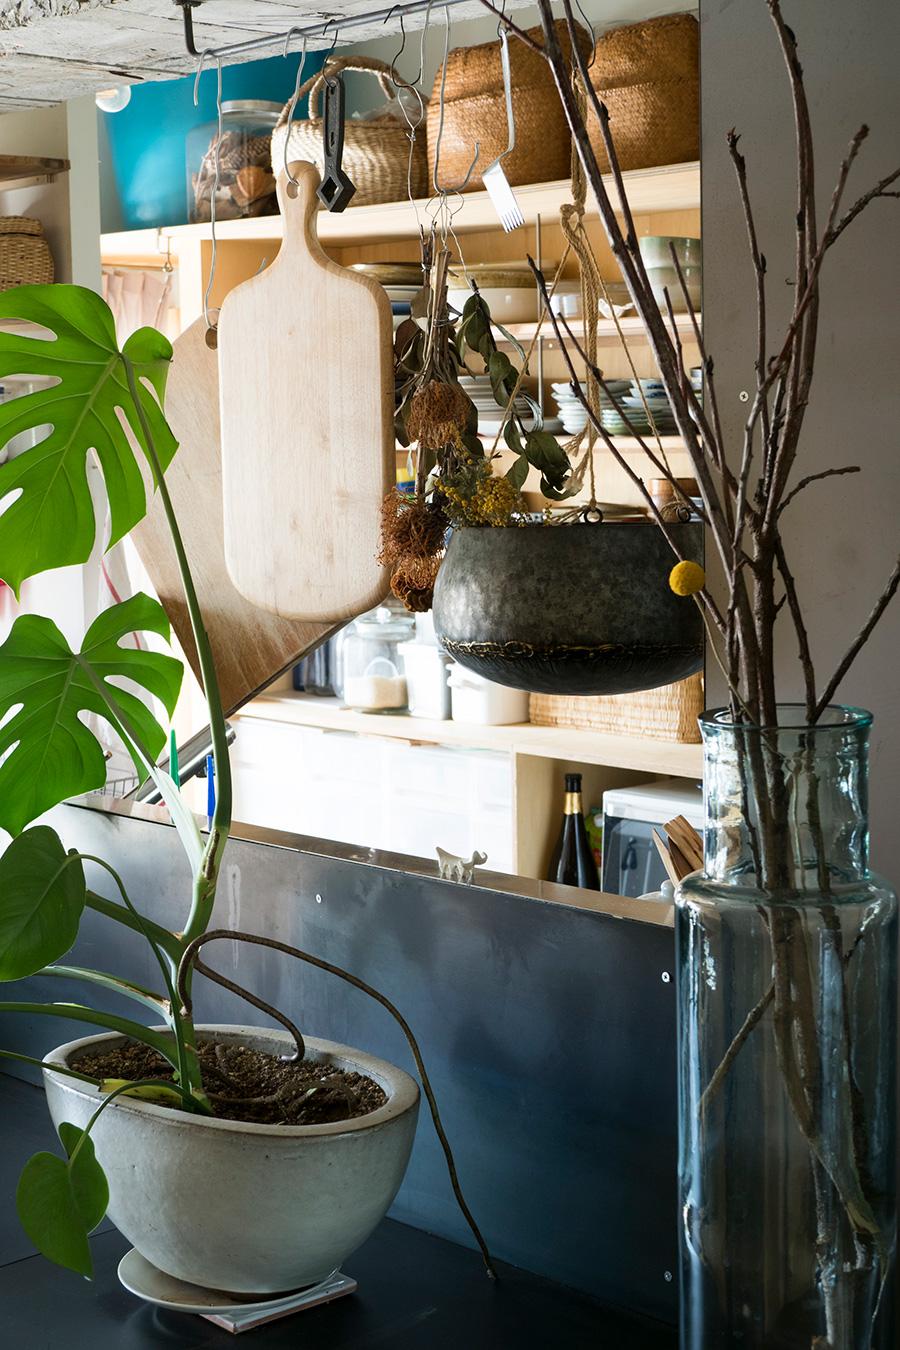 キッチンでの作業をほどよく隠す吊り収納。カゴバッグも収納に活用。